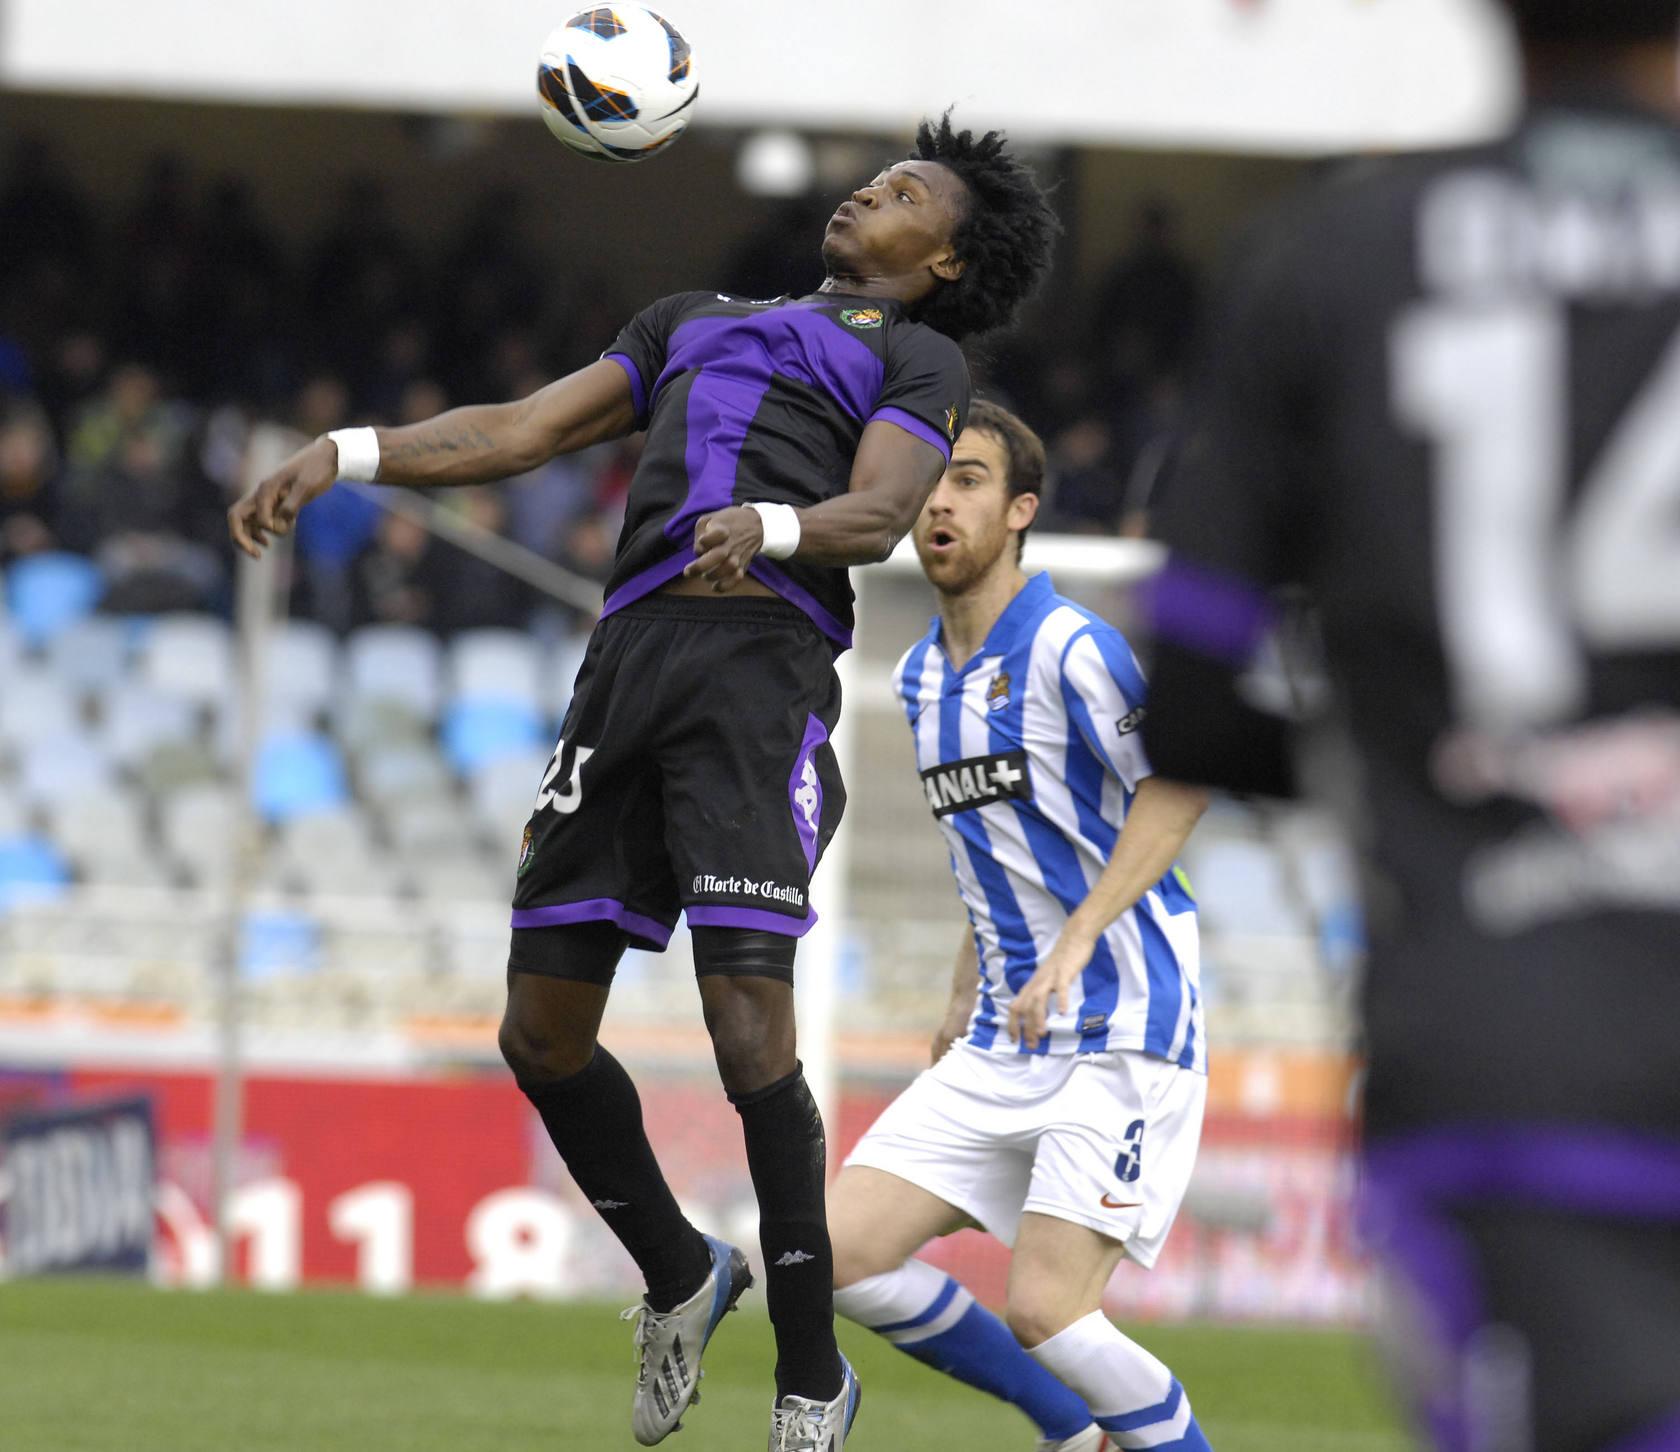 Desfiele de goles de la Real Sociedad contra el Valladolid